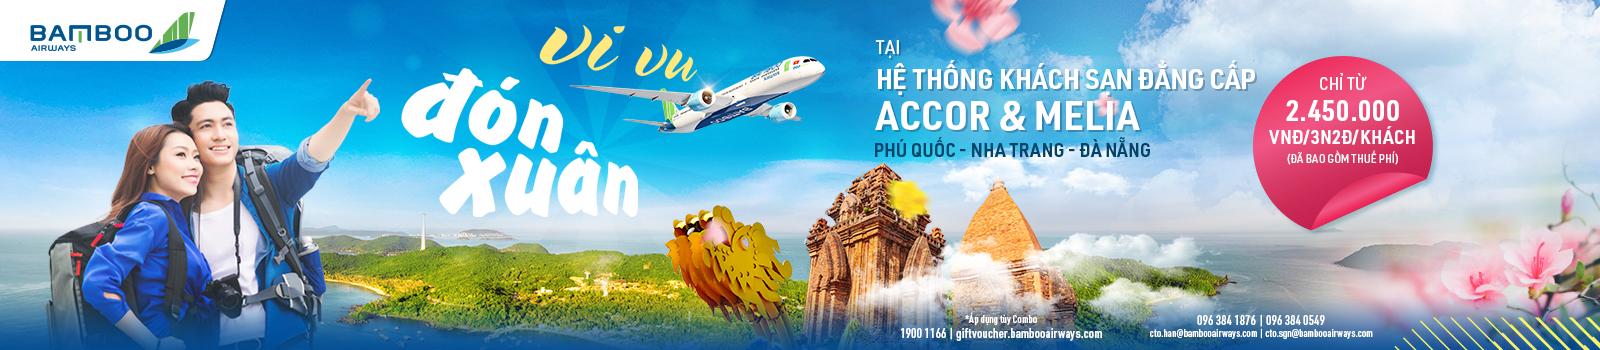 Nghỉ dưỡng Novotel Nha Trang – Khởi hành TP.HCM (trong tuần)